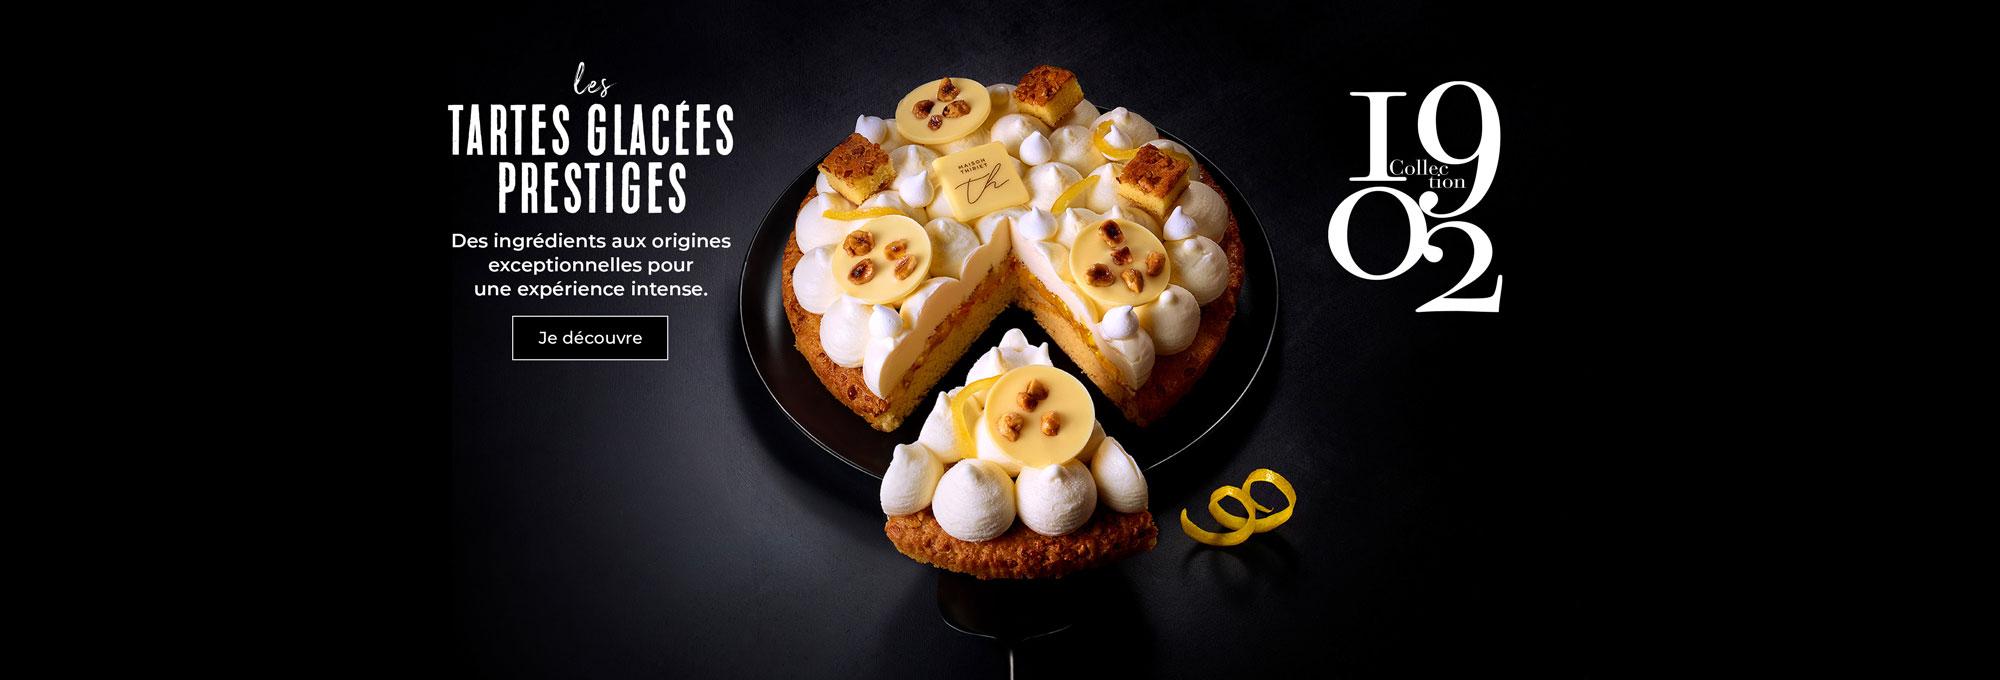 Les tartes glacées prestiges de la Maison Thiriet